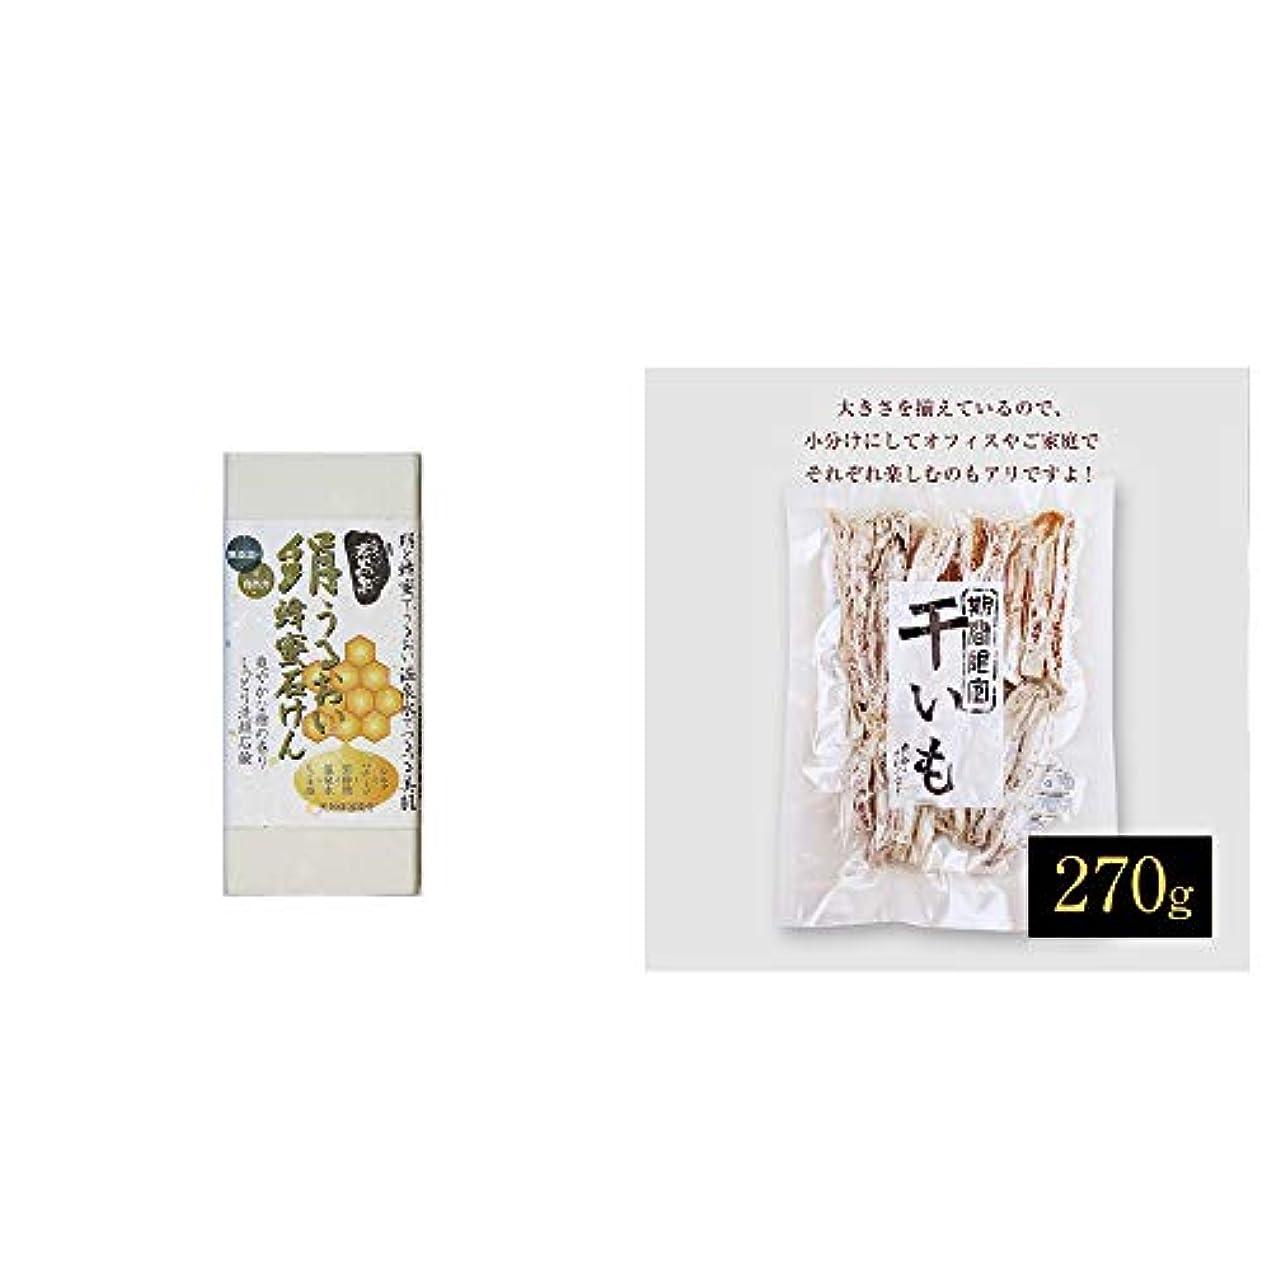 渇きうまれた混合した[2点セット] ひのき炭黒泉 絹うるおい蜂蜜石けん(75g×2)?干いも(270g)